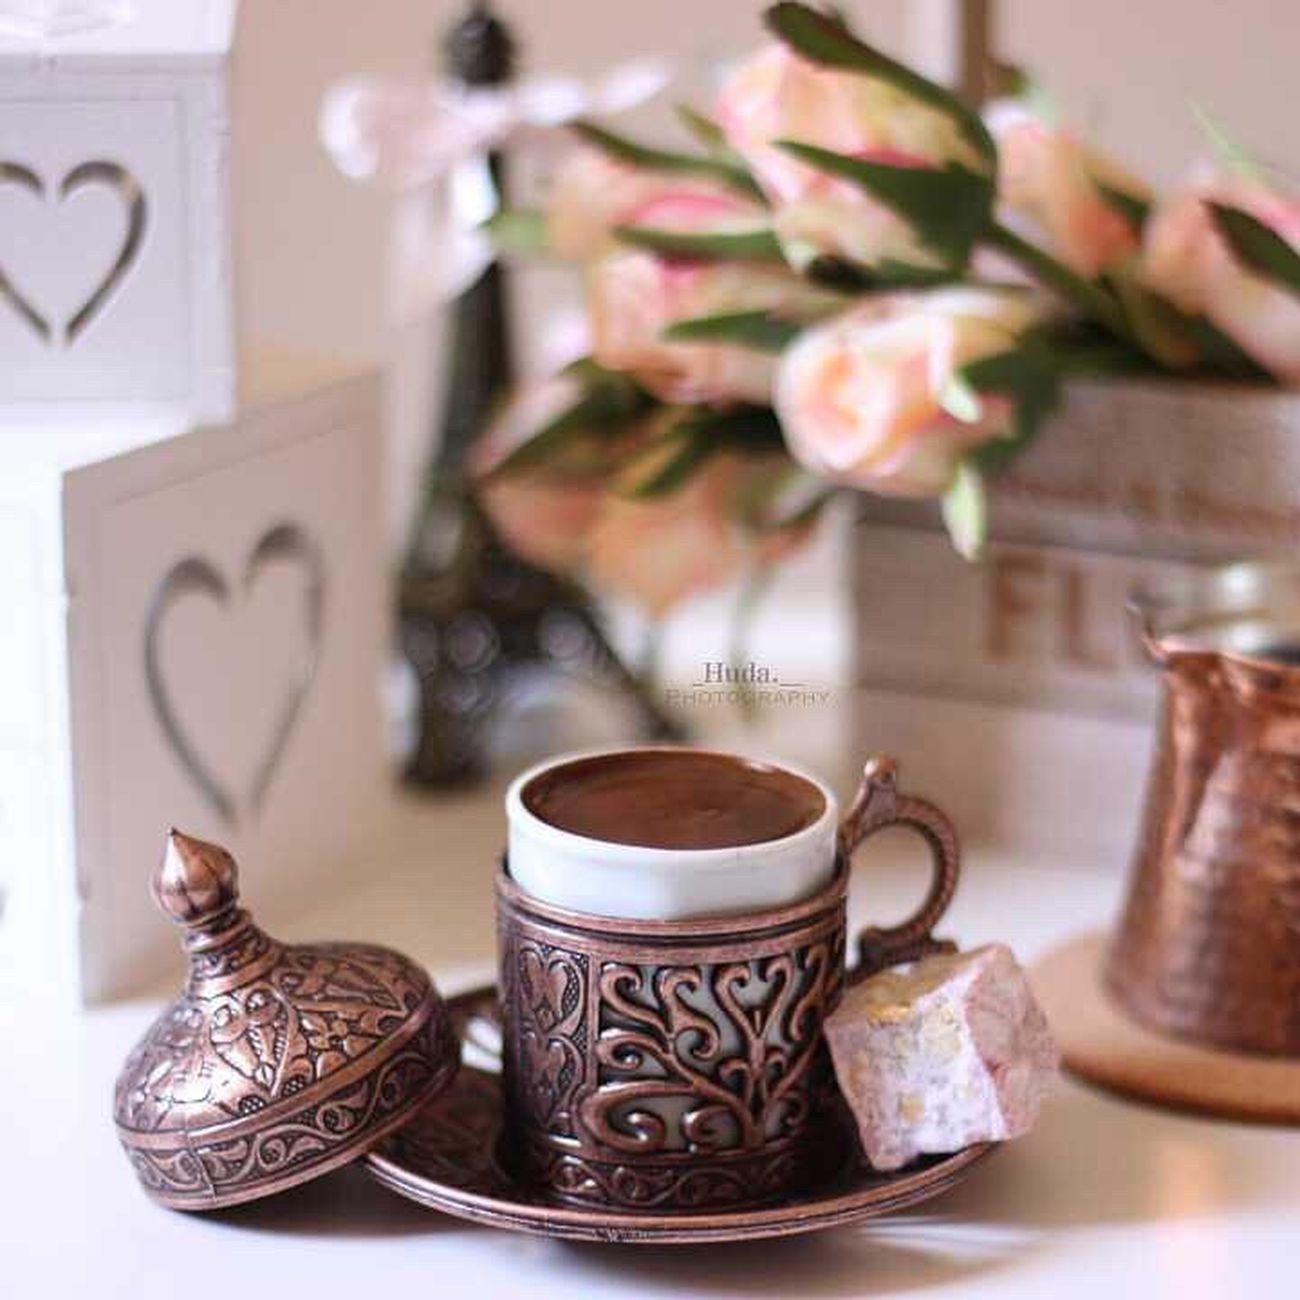 قهوتي_الساخنه تركي كابتشينو قهوة صباح_الخير قهوة_المساء دبي_مول